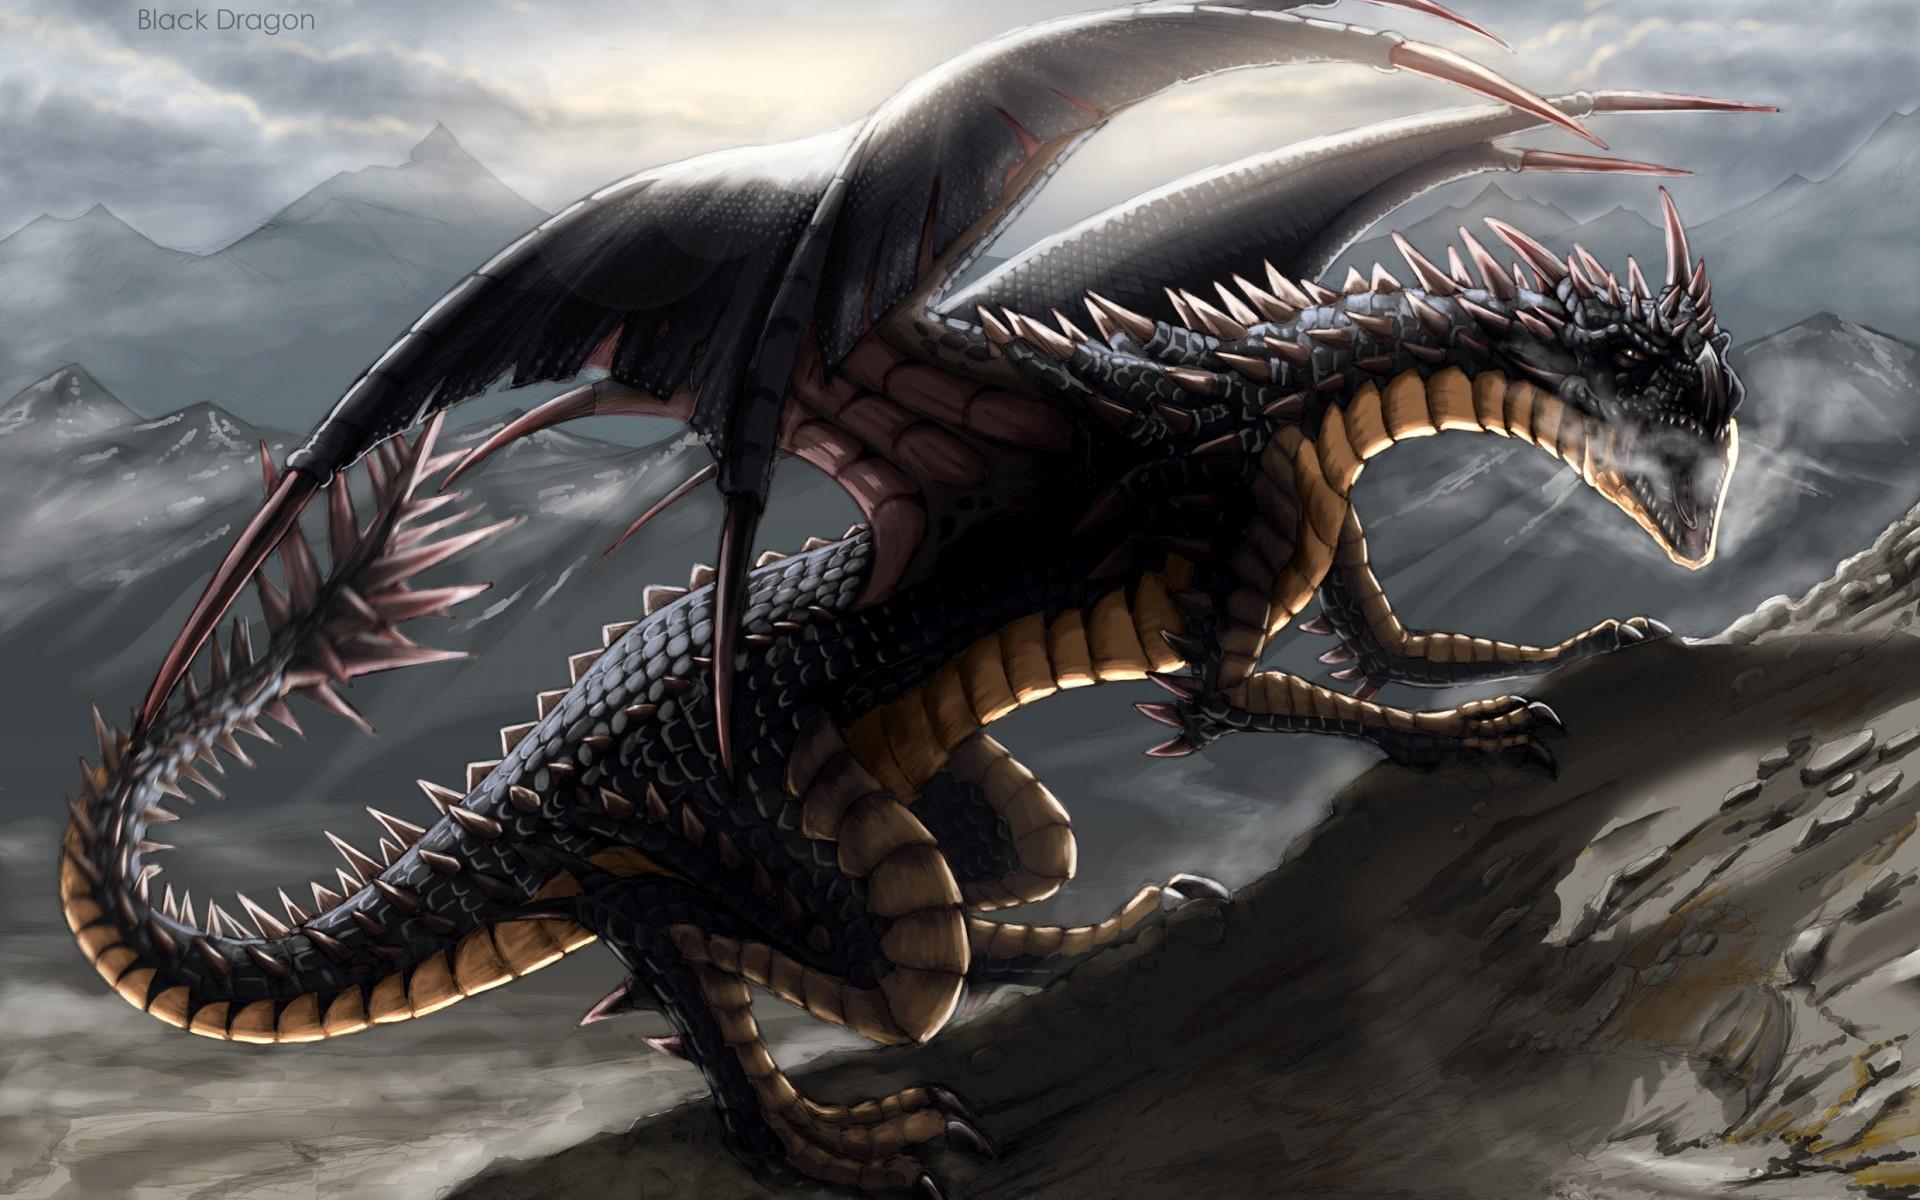 Картинка с черным драконом, картинки